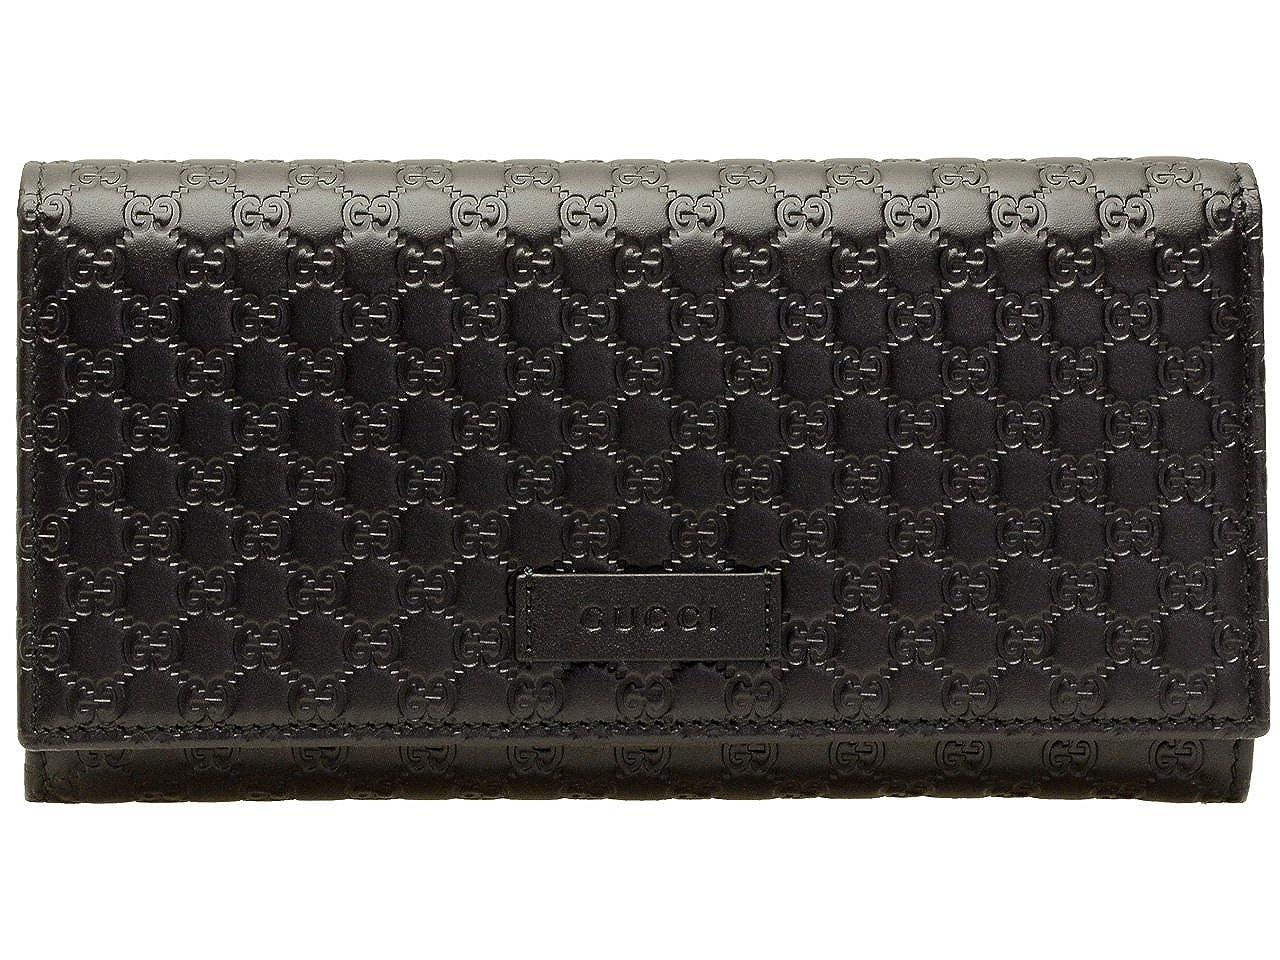 (グッチ) GUCCI 財布 長財布 二つ折り ブラック マイクログッチシマレザー 449396bmj1g1000 アウトレット ブランド [並行輸入品] B01NA8TT6J